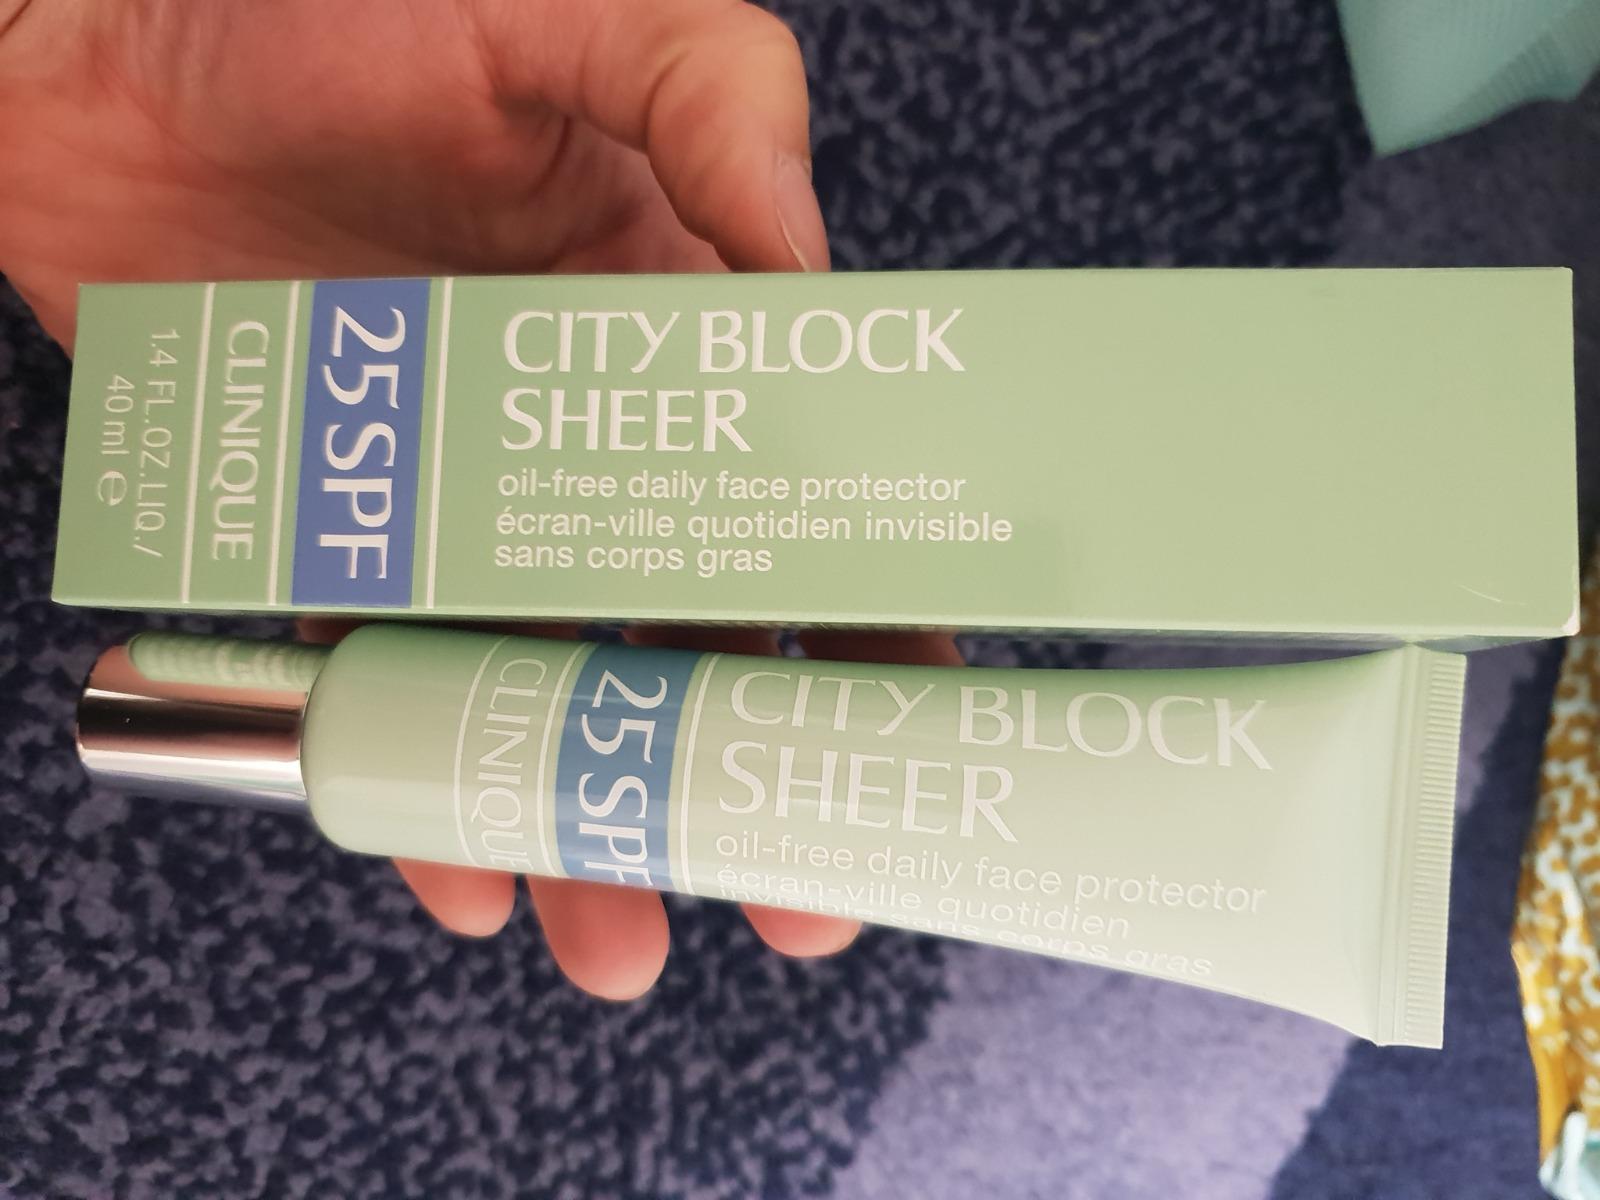 Kem Chống Nắng Có Màu Clinique Bảo Vệ Da Hằng Ngày City Block™ Sheer Oil-Free Daily Face Protector Broad Spectrum SPF 25 hằng ngày